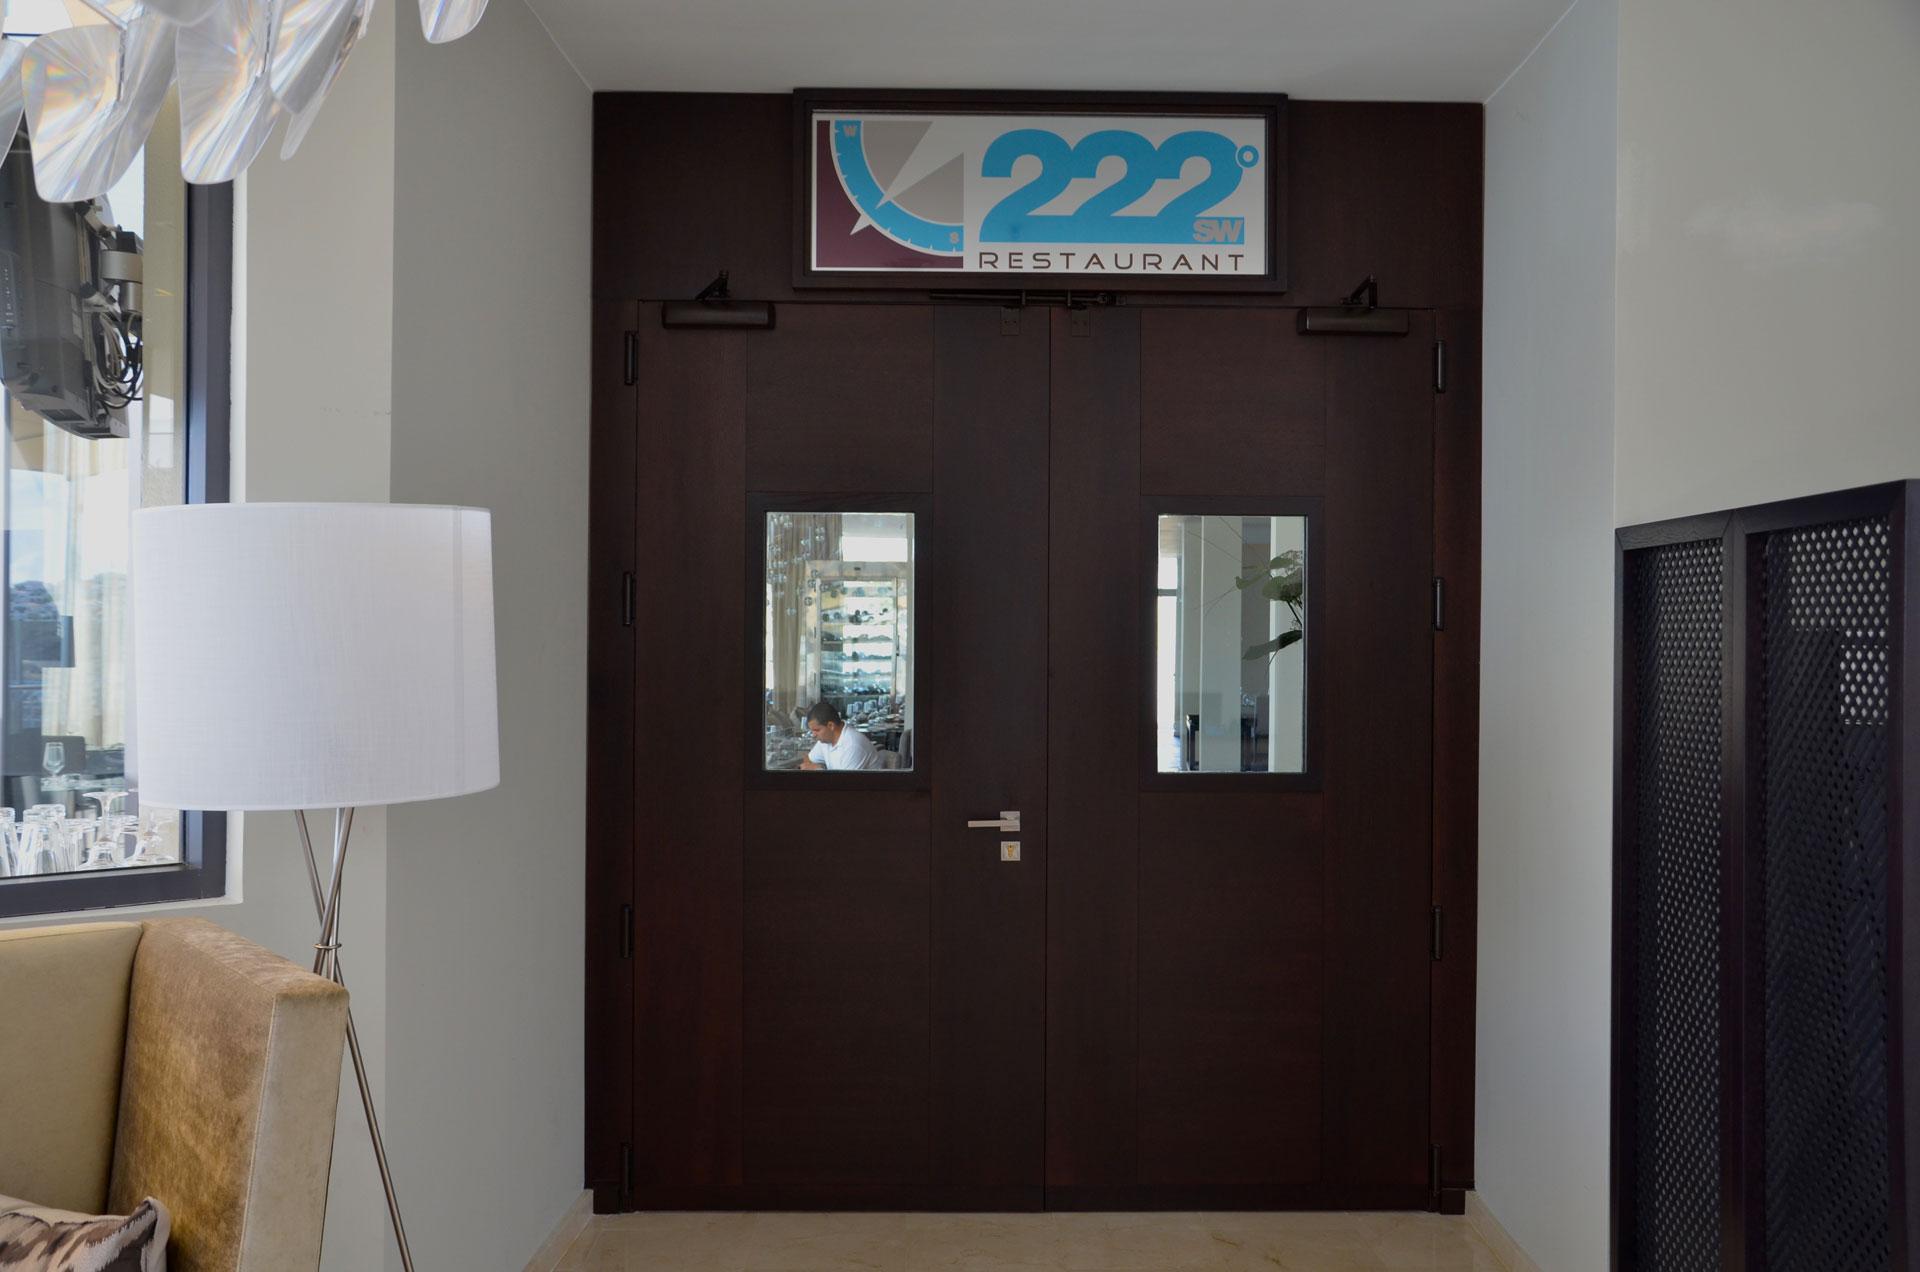 Proyecto de arquitectura de Kai proyectos. Restaurante 222º